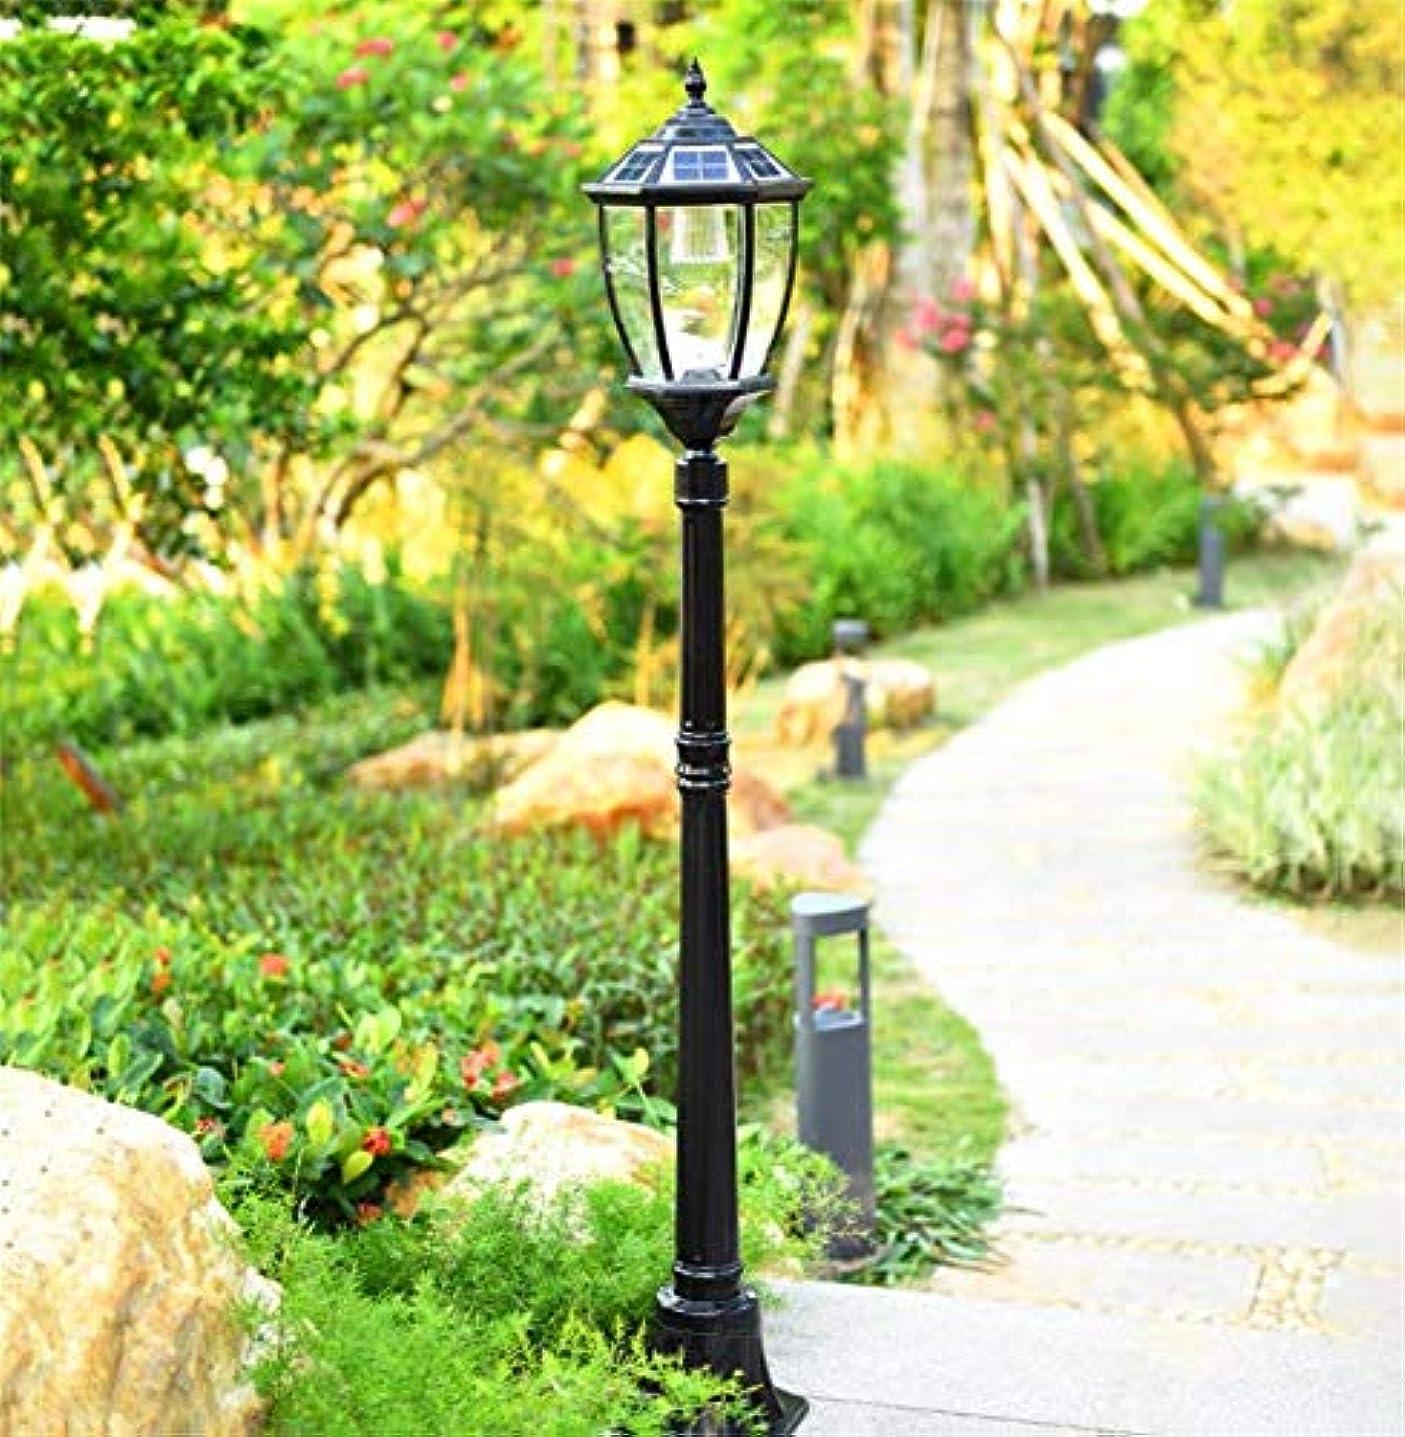 補助金優雅な動く80センチメートル/ 110センチメートル/ 140センチメートル/ 170センチメートル/ 200センチメートルヨーロピアンスタイルのLEDレトロ街路灯ガーデン防水芝生照明景観ライトソーラーガーデンライト